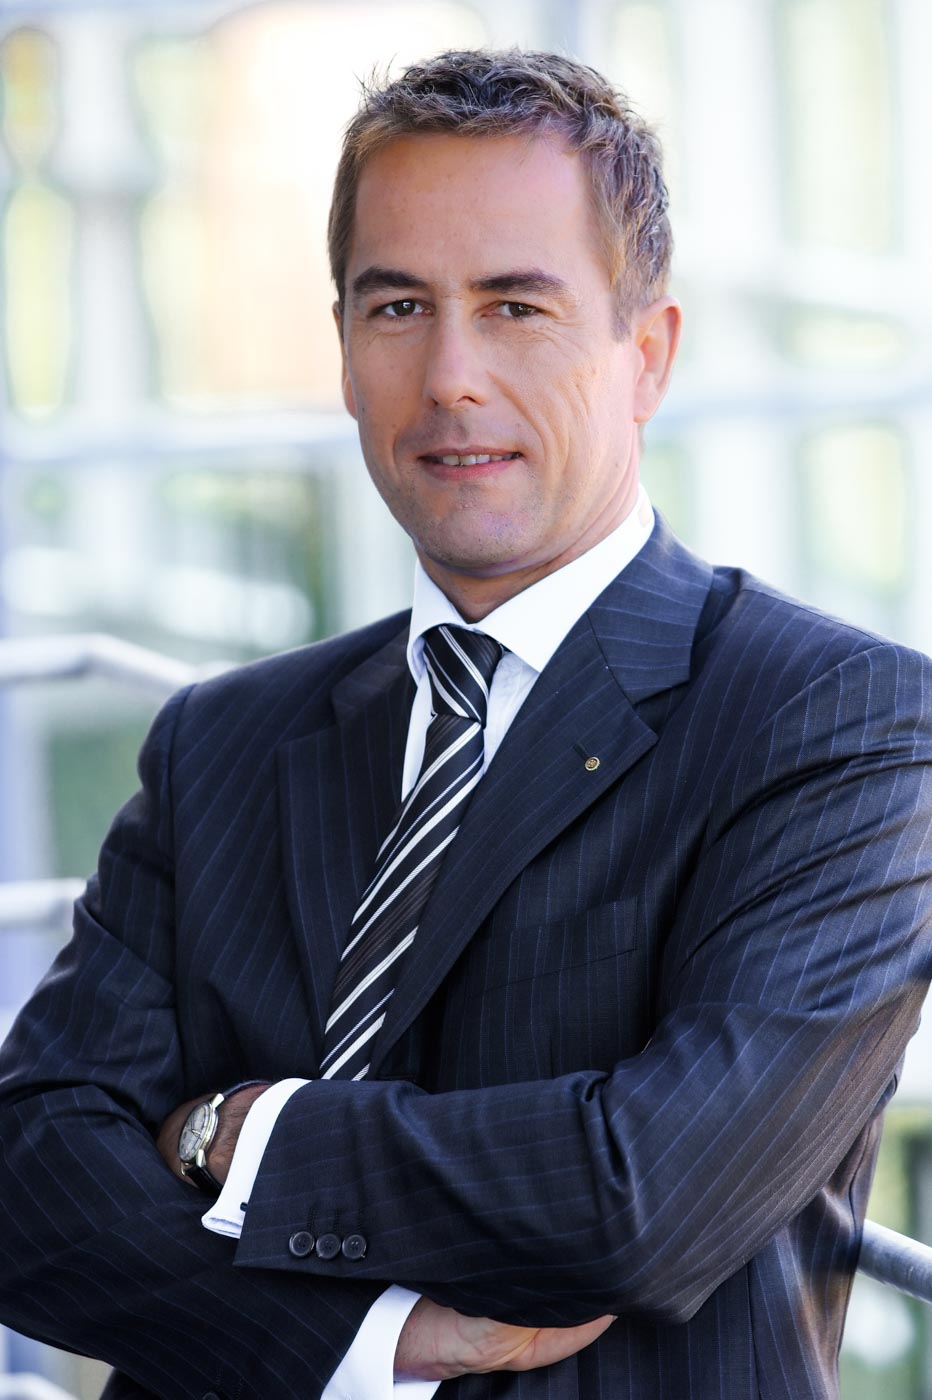 Business-Portrait-Yaph-a-12